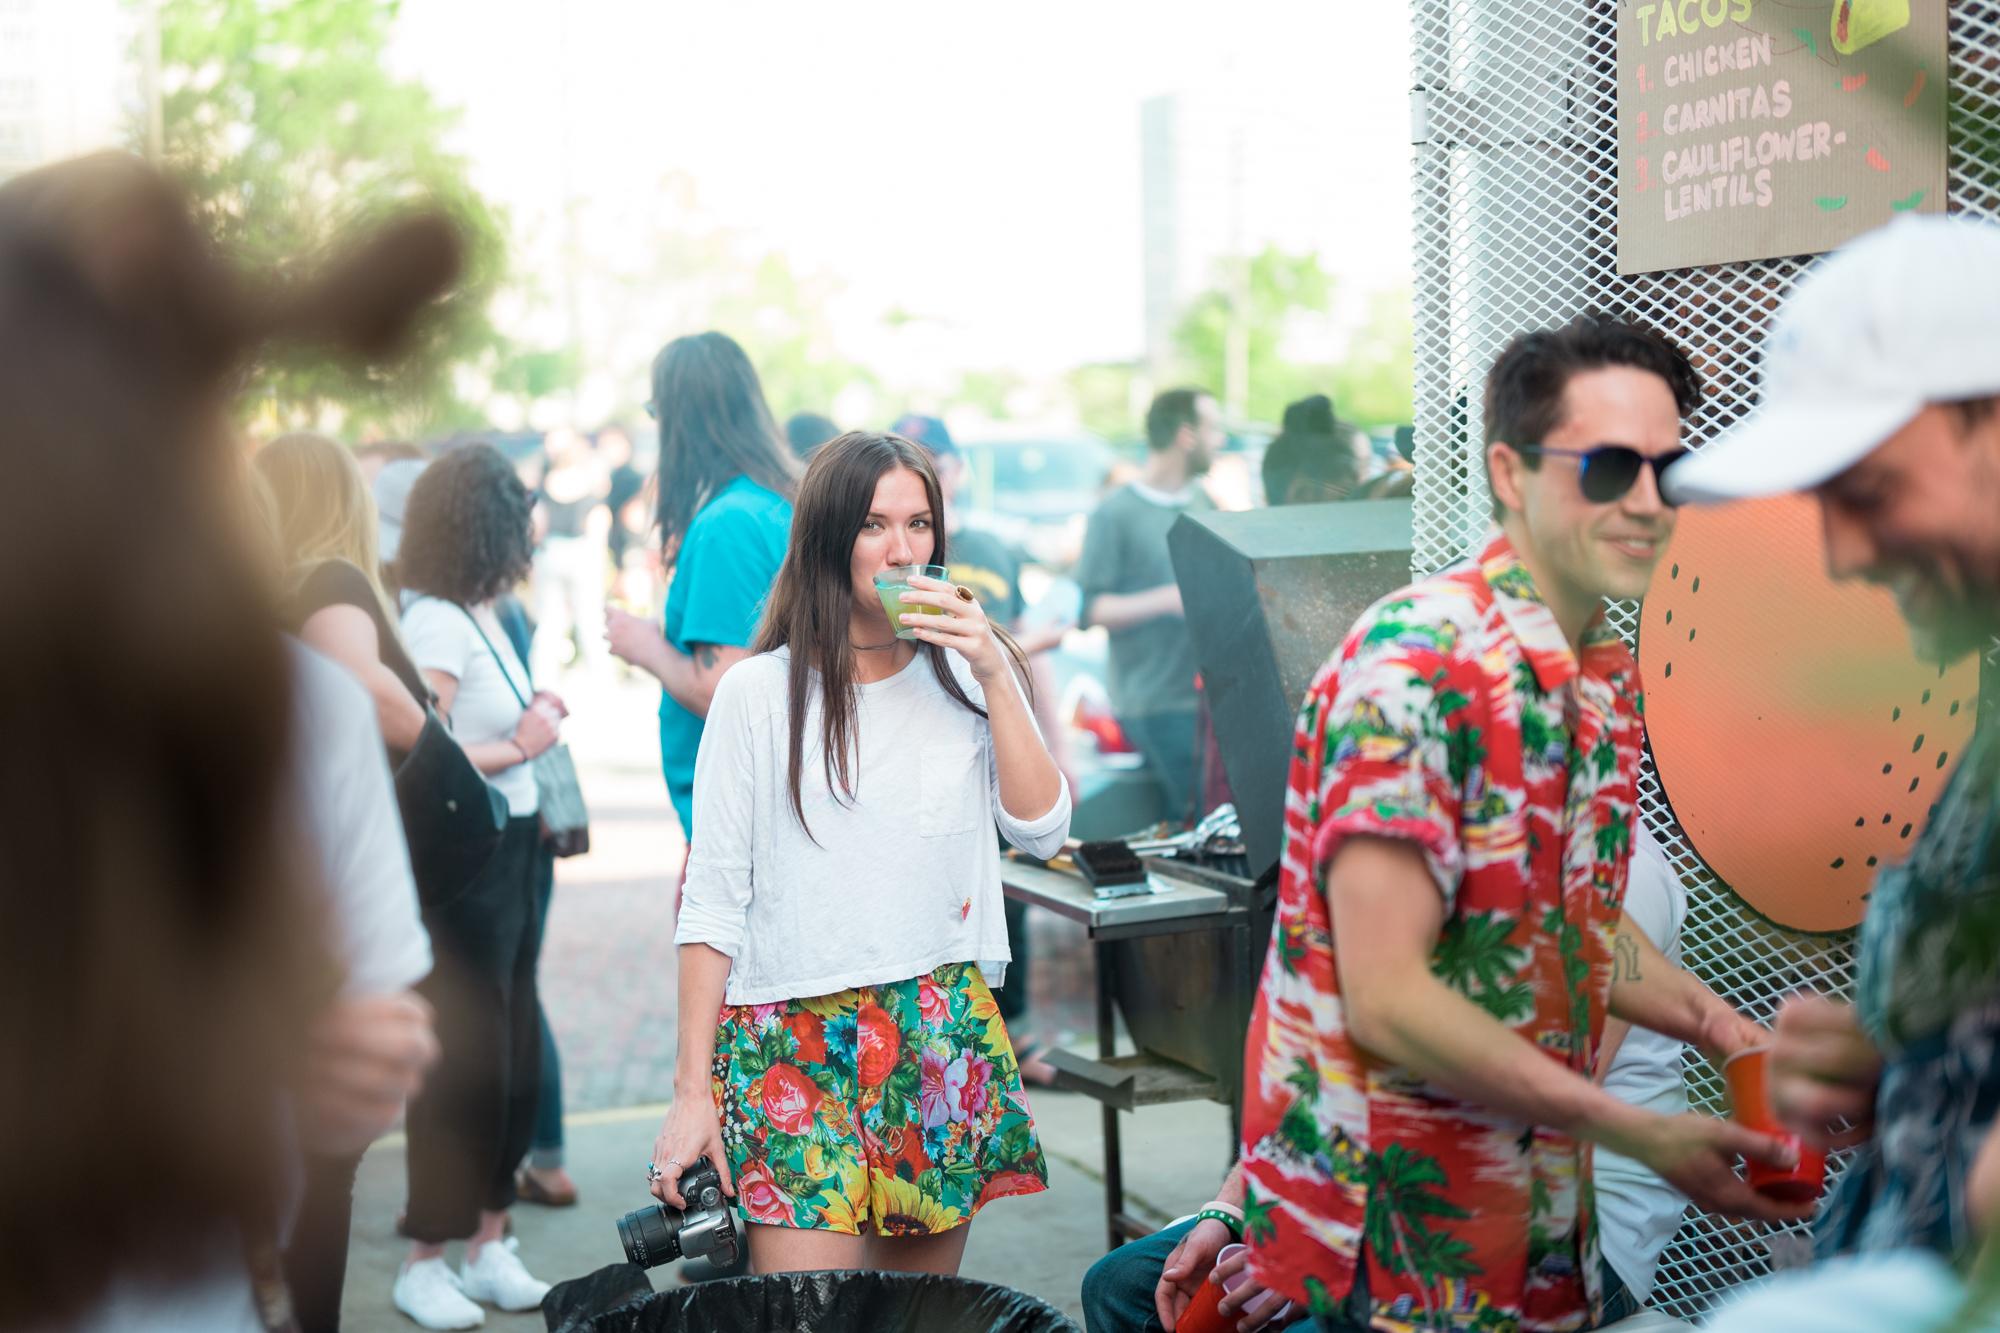 photos found via SMPLFD clothing